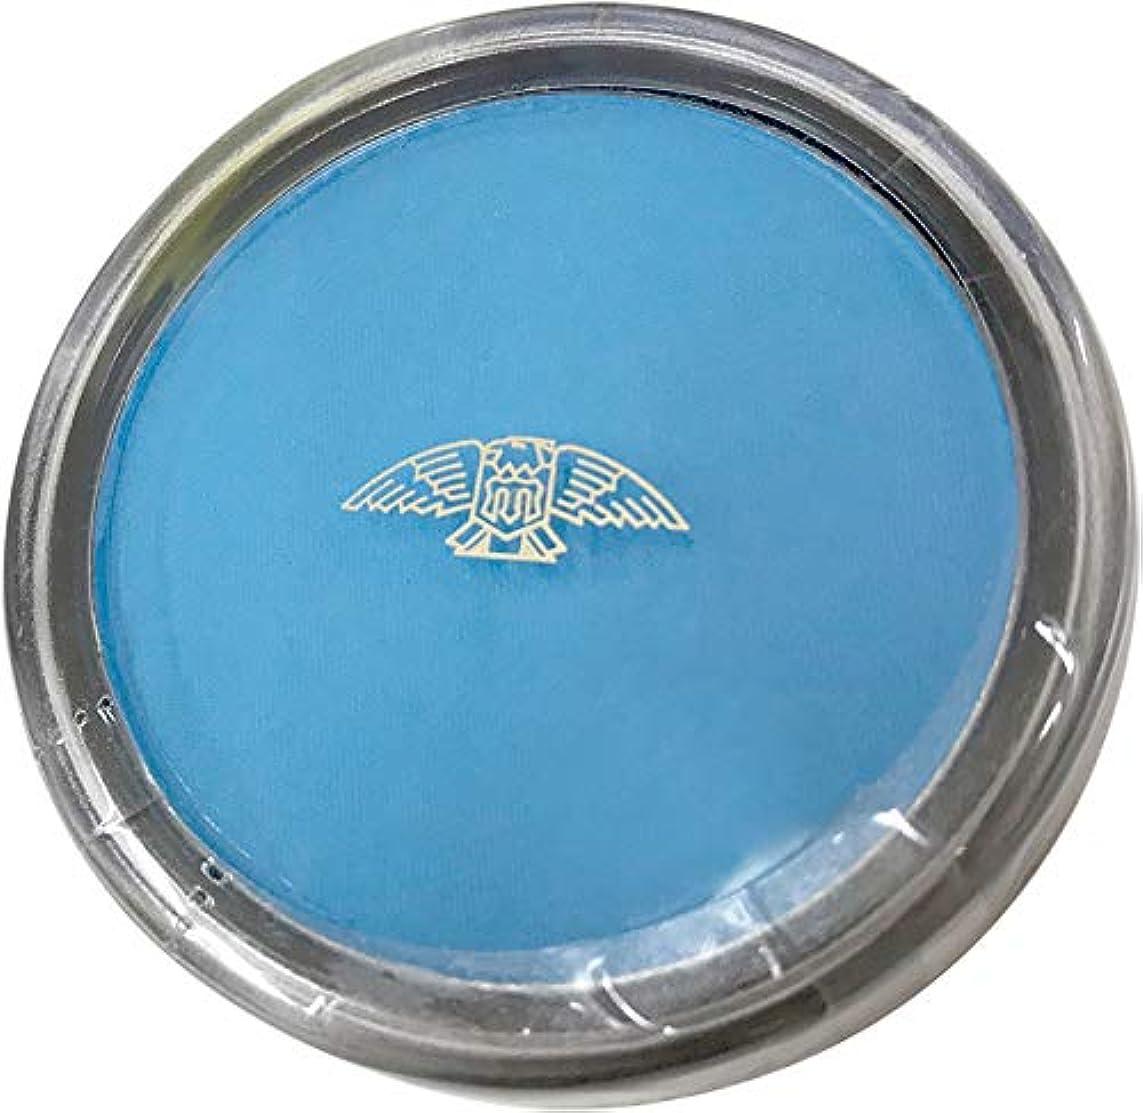 髄の頭の上ガム三善 プラスカラー ブルー